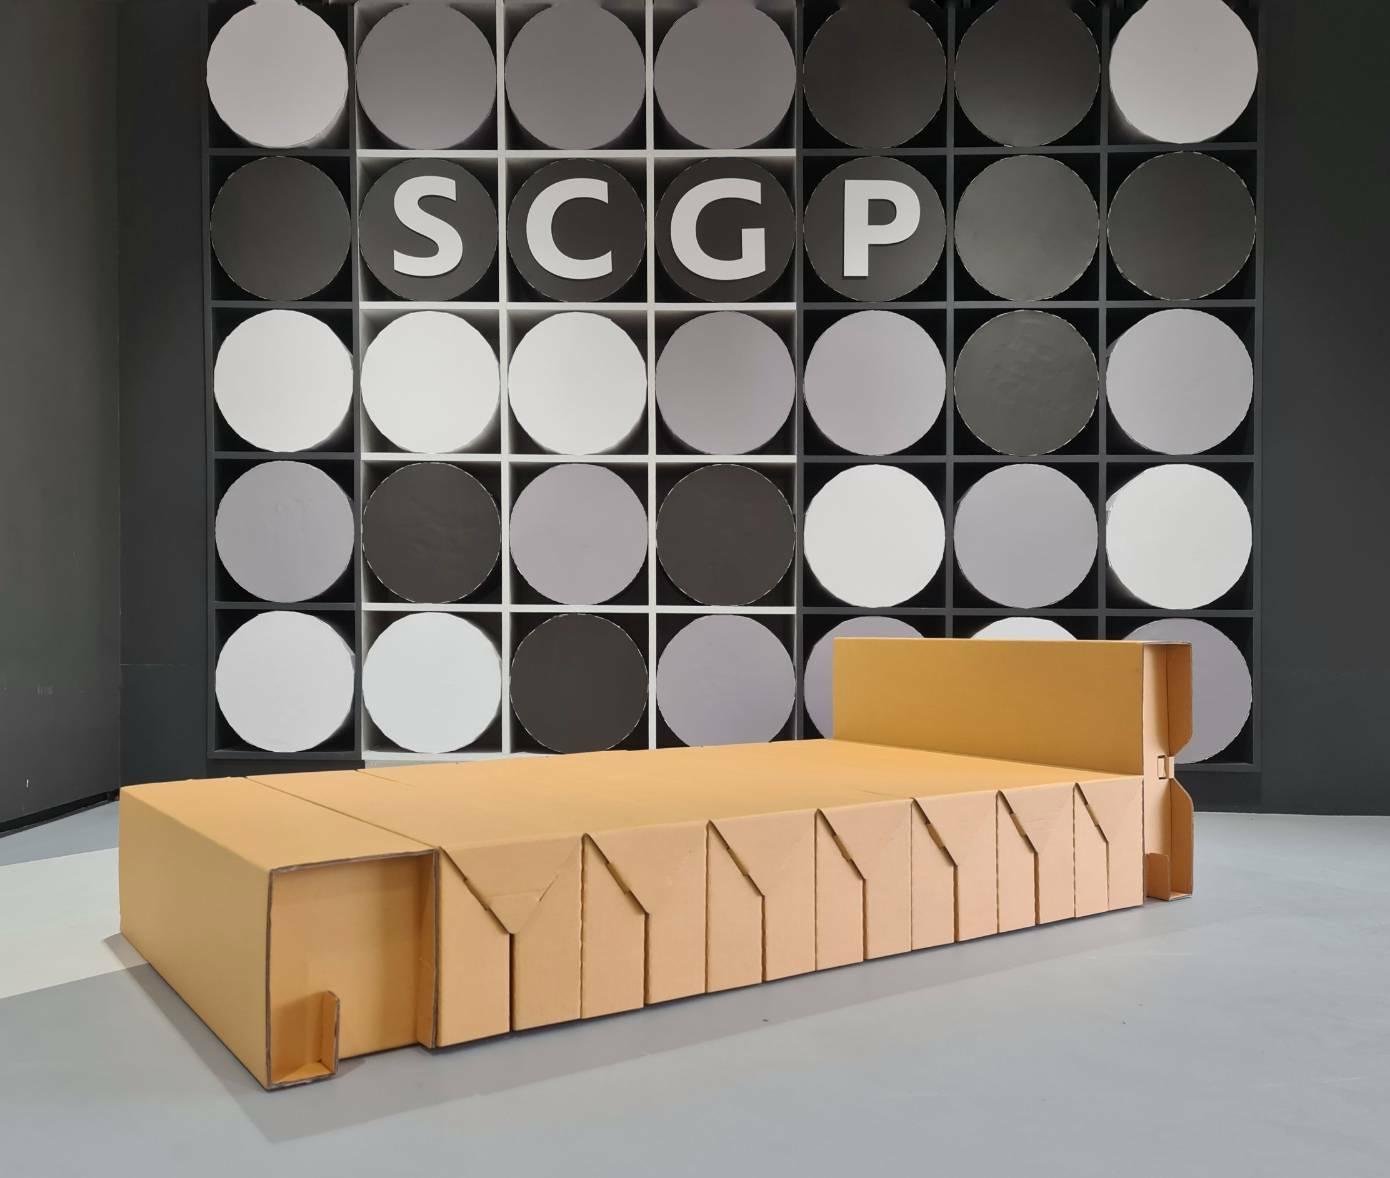 นวัตกรรมเพื่อสังคม เตียงกระดาษเอสซีจีพี 2